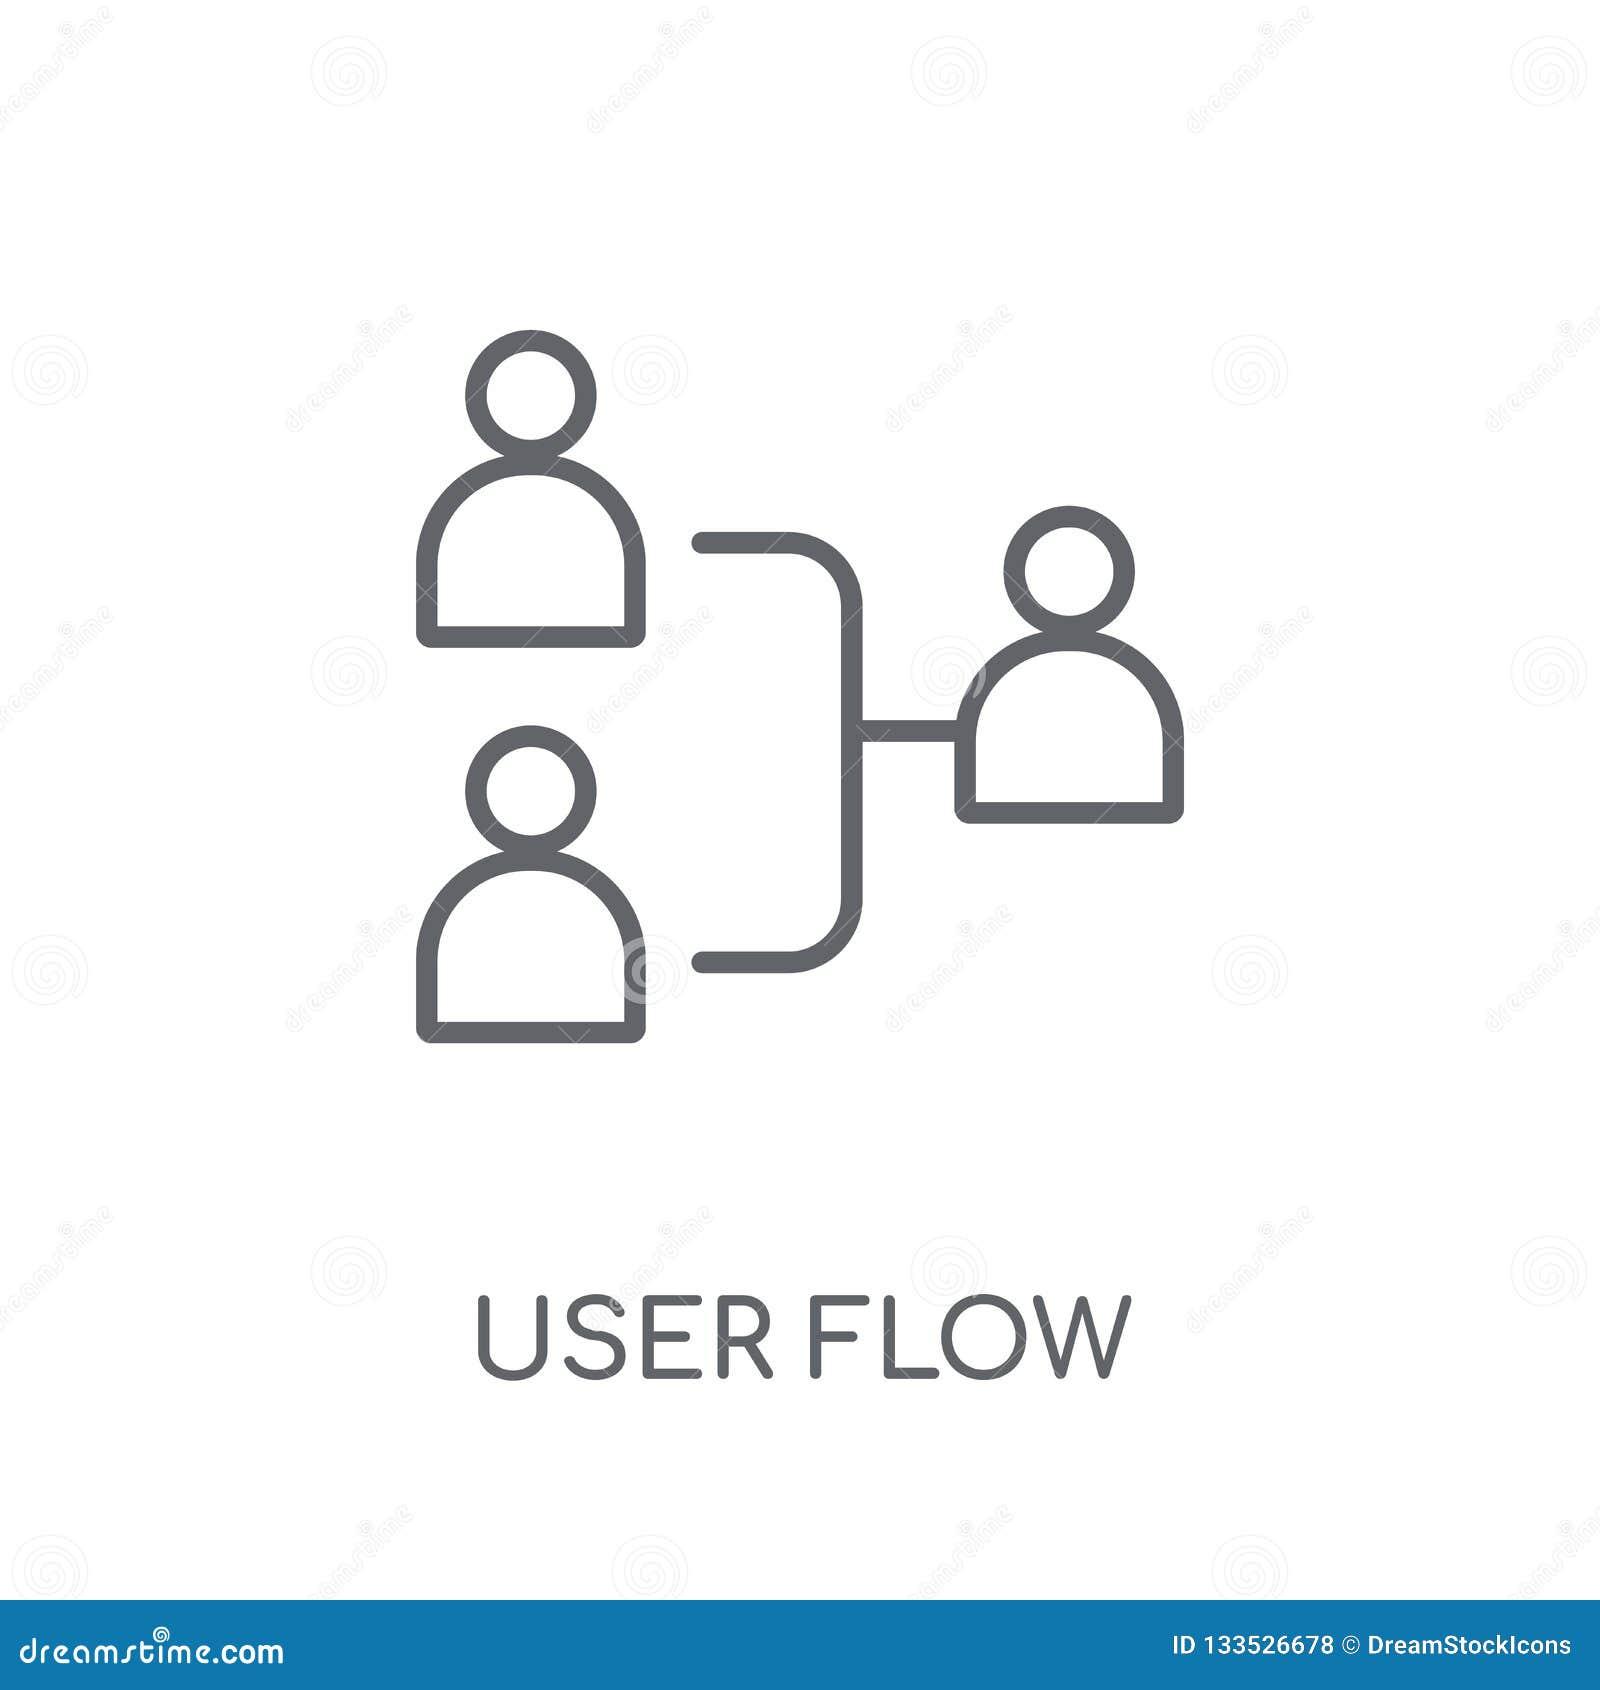 Icono linear del flujo del usuario Concepto moderno del logotipo del flujo del usuario del esquema encendido